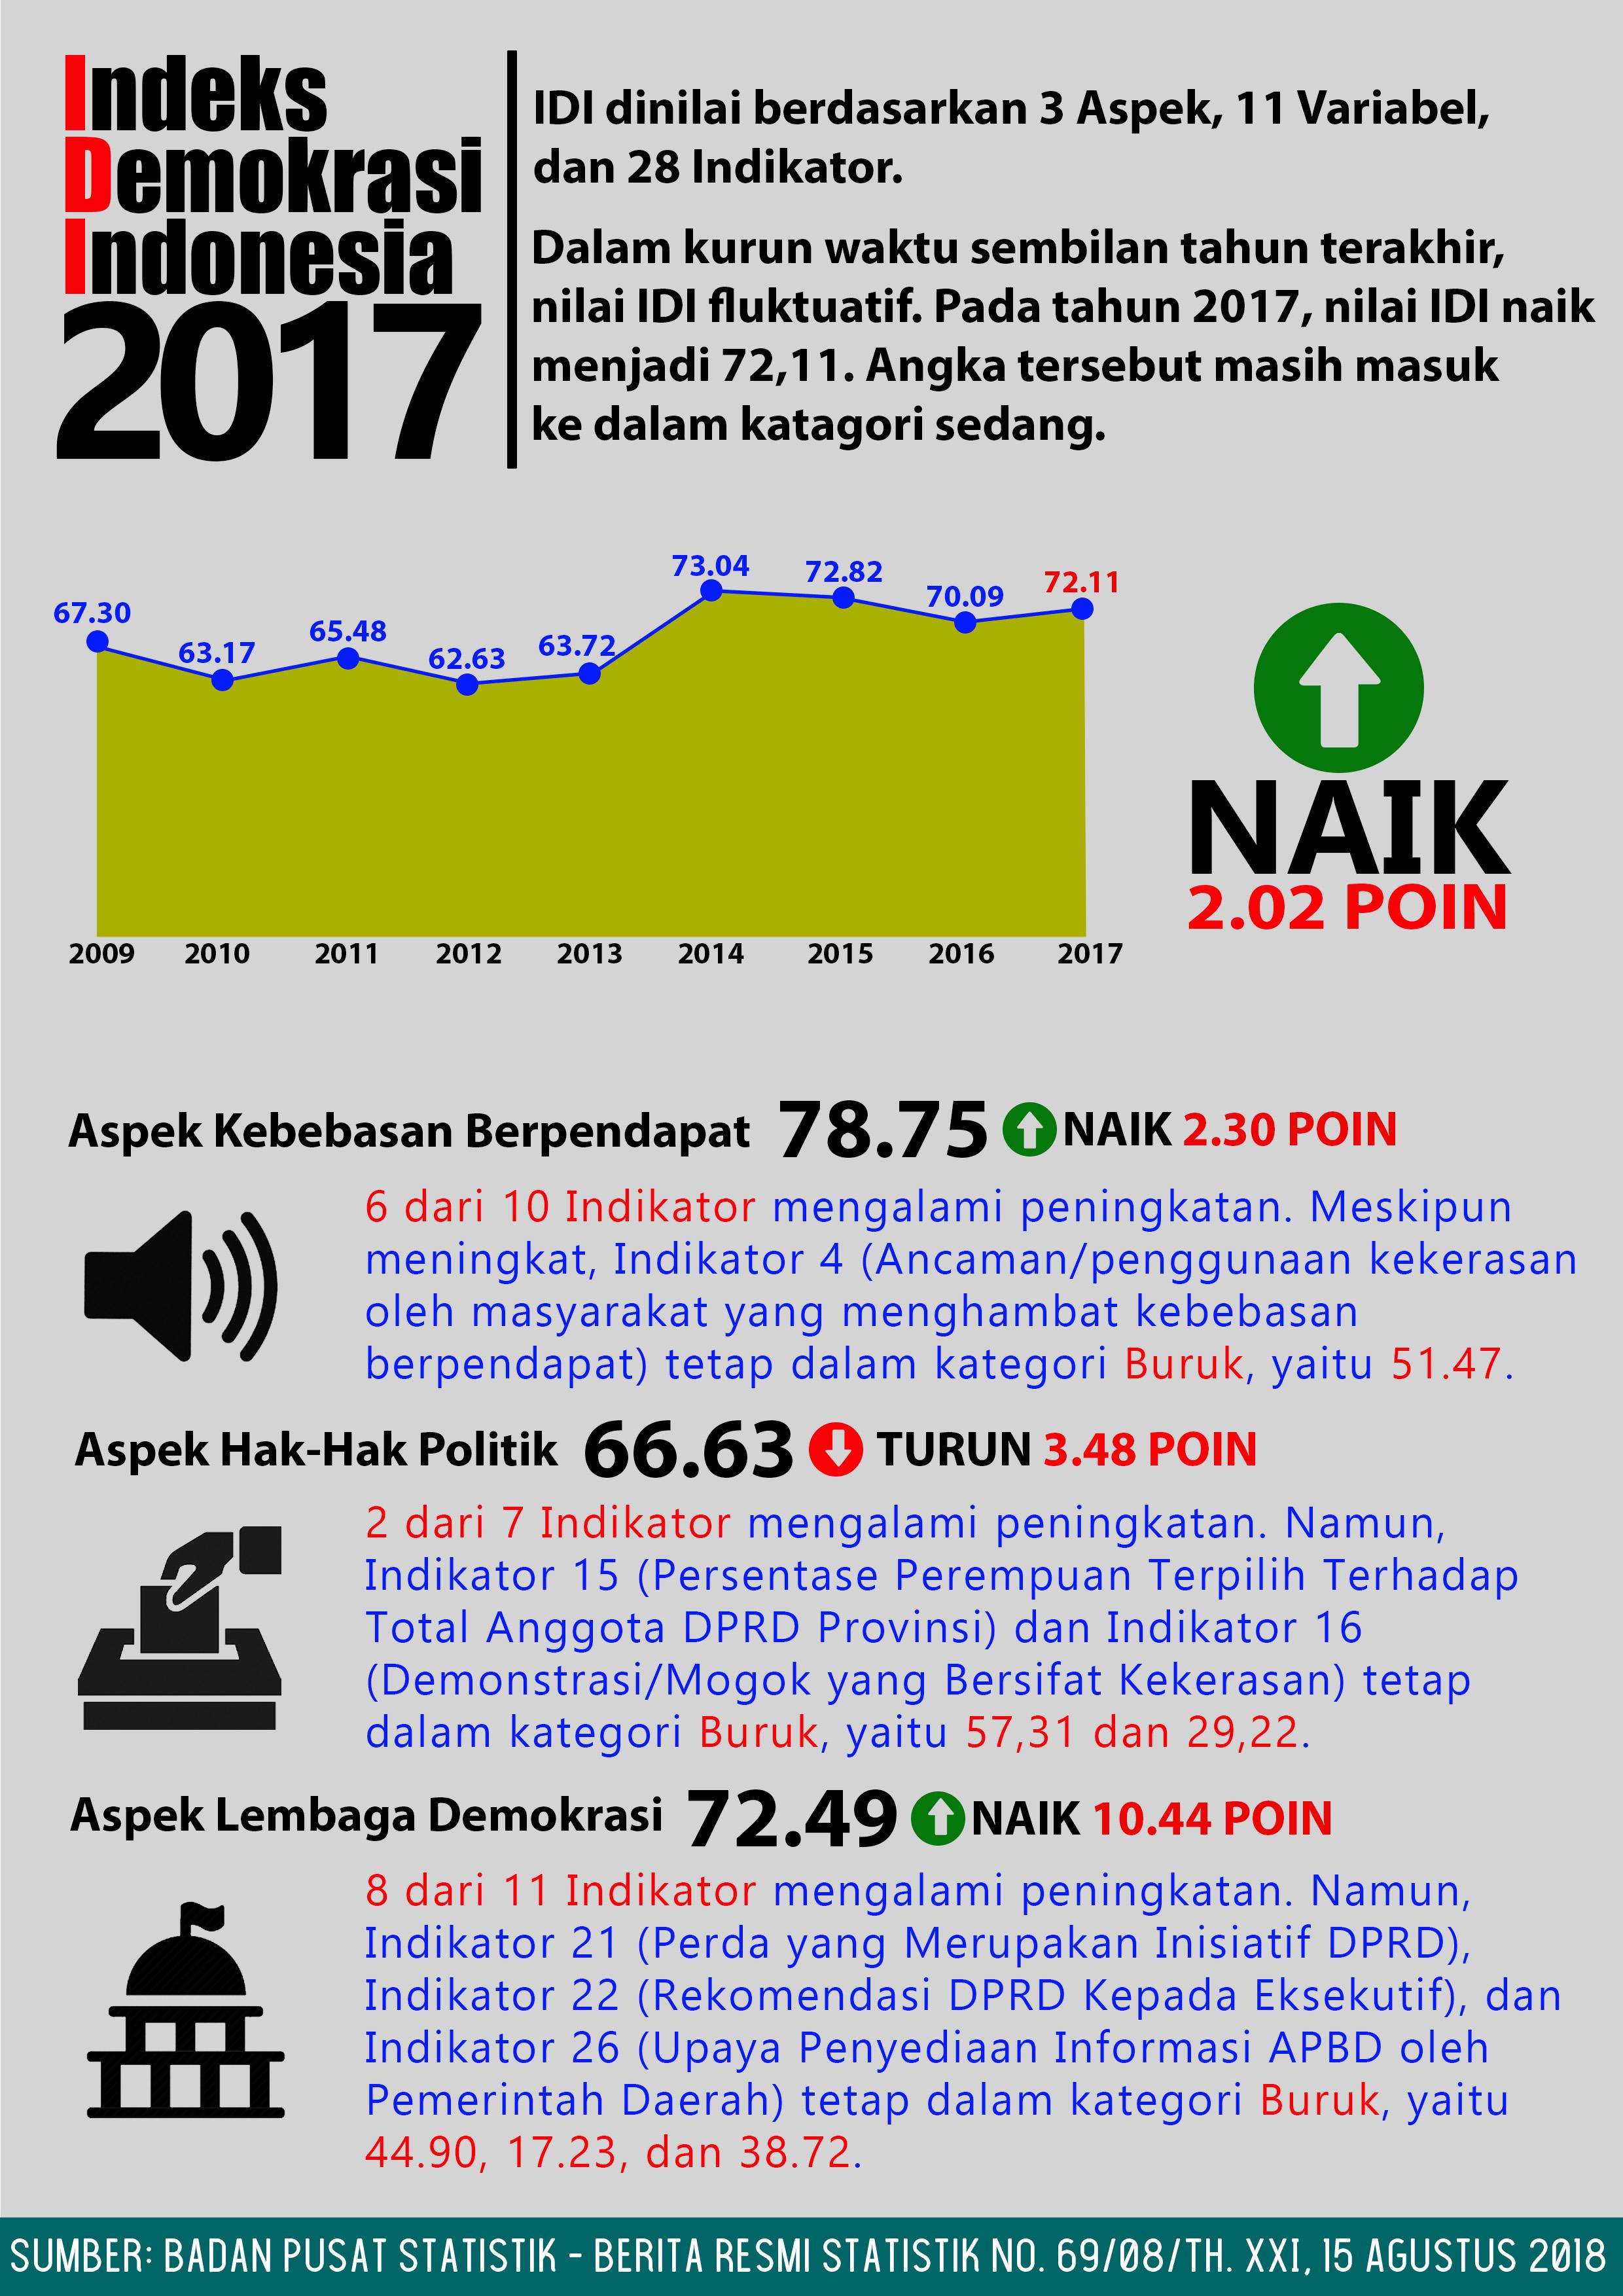 Infografis-IDI